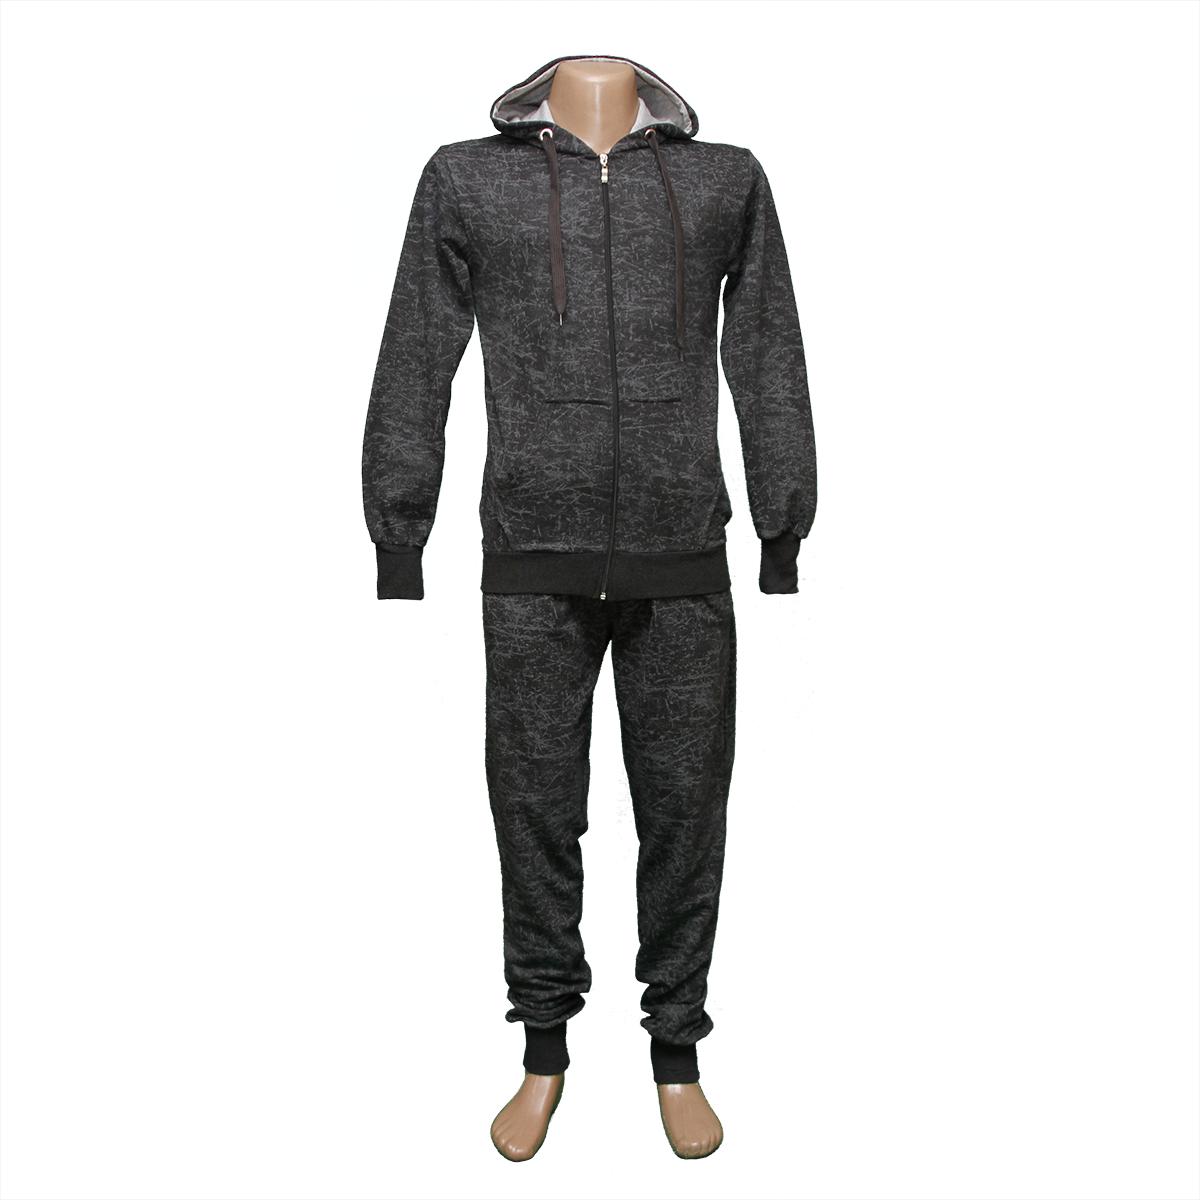 325f0720 Молодежные спортивные костюмы с капюшоном интернет магазин пр-во Турция  1122-3